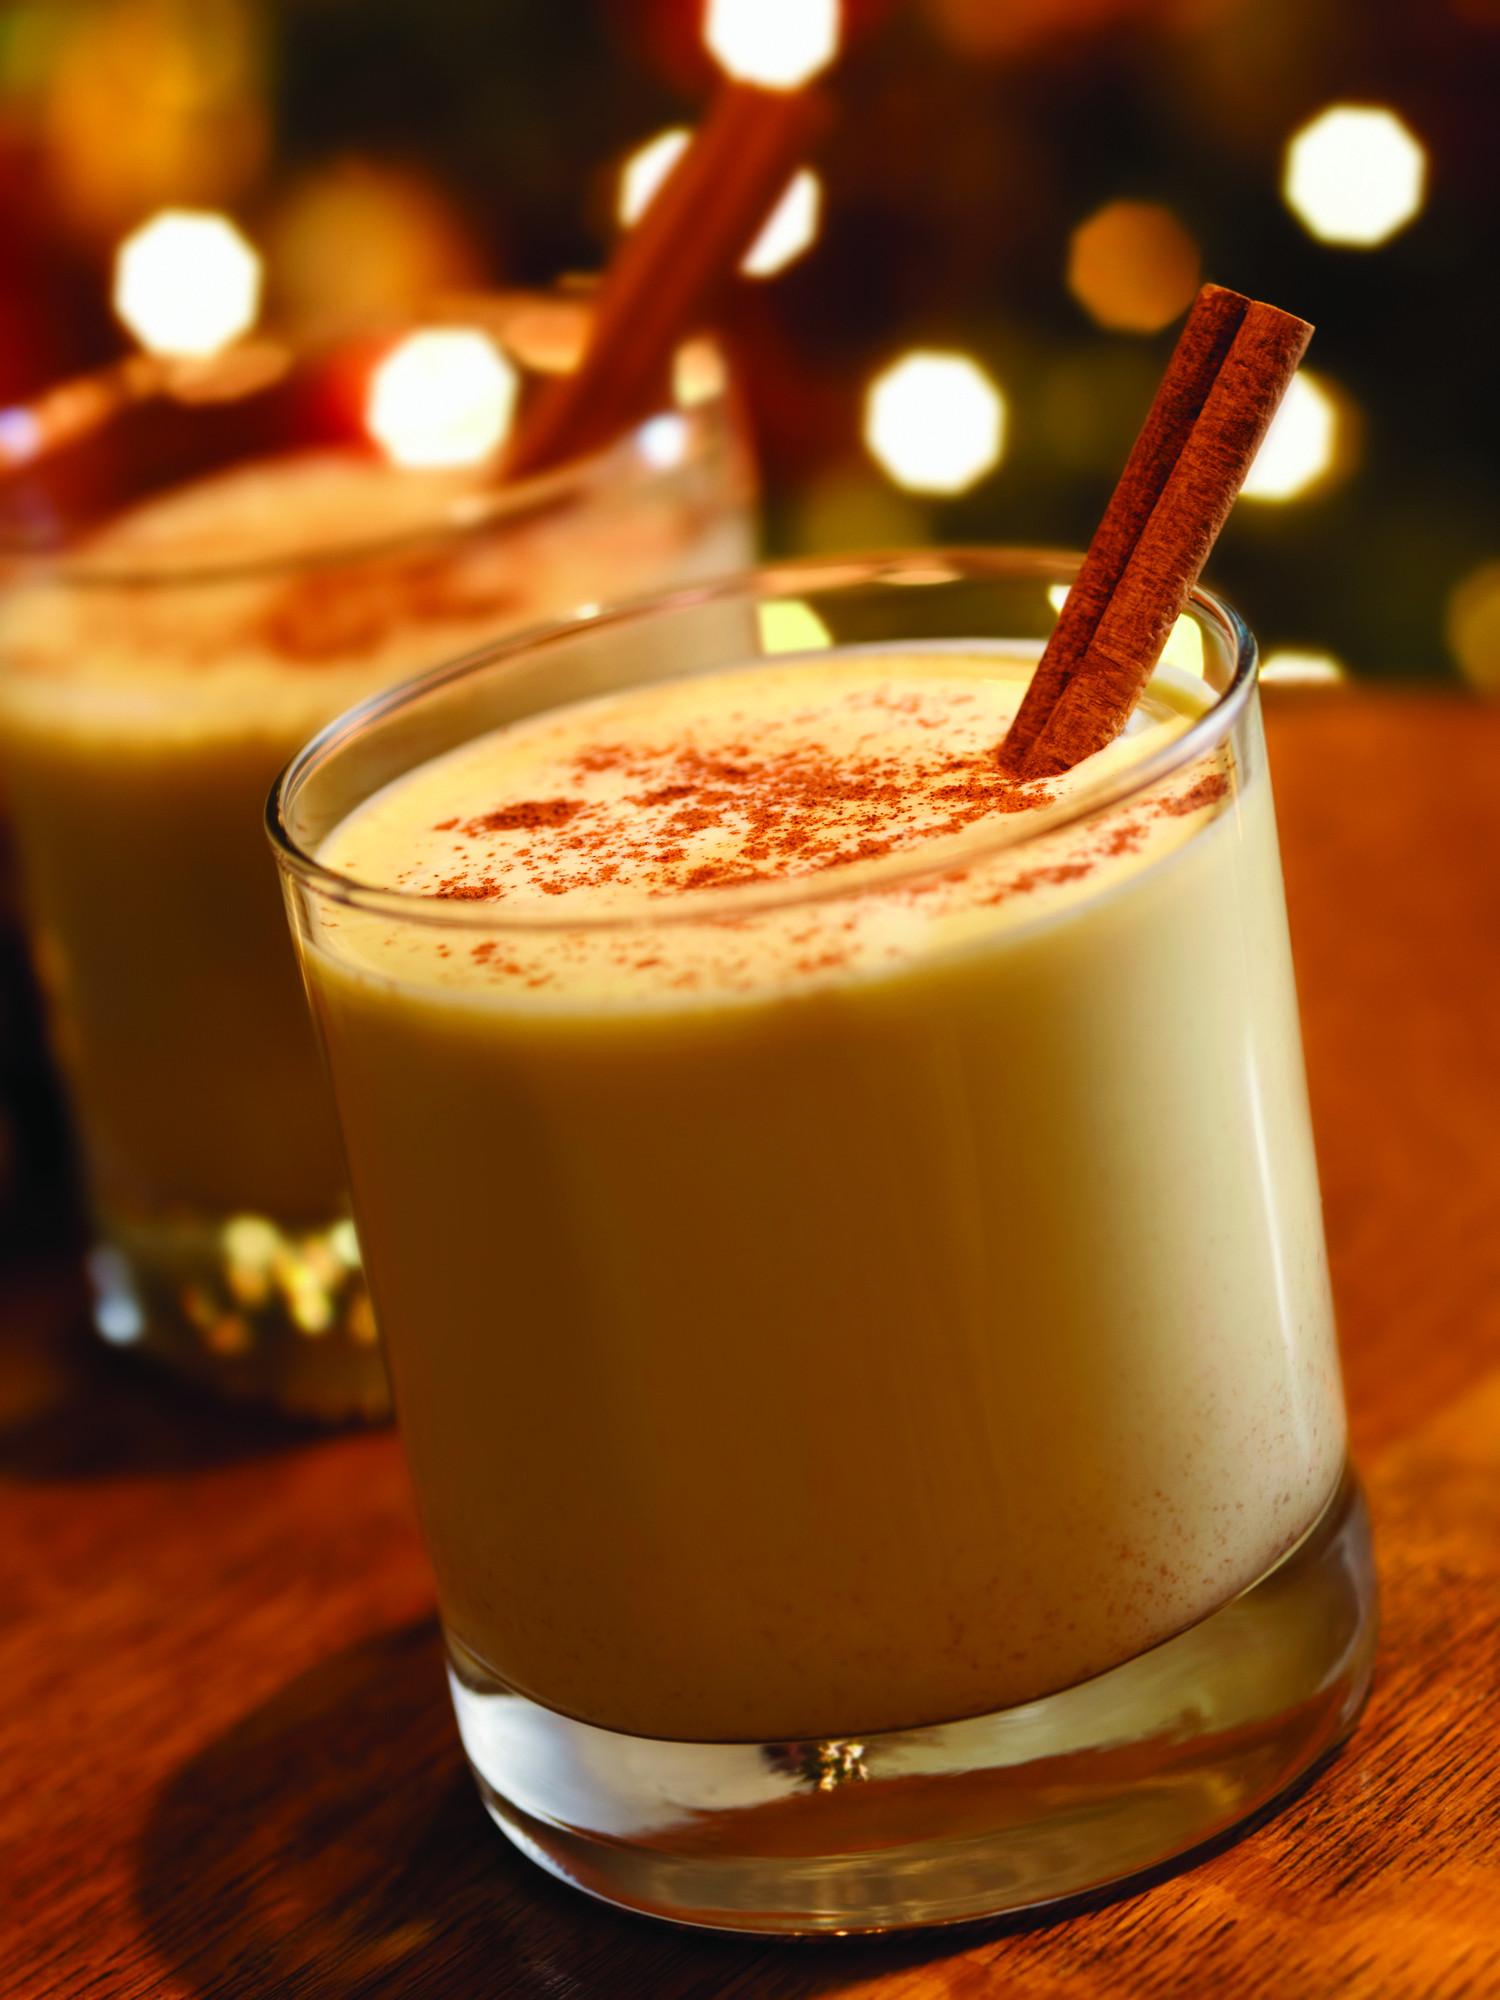 Christmas Eggnog Drink  Holiday Coquito Cocktail Recipes from The Condado Plaza